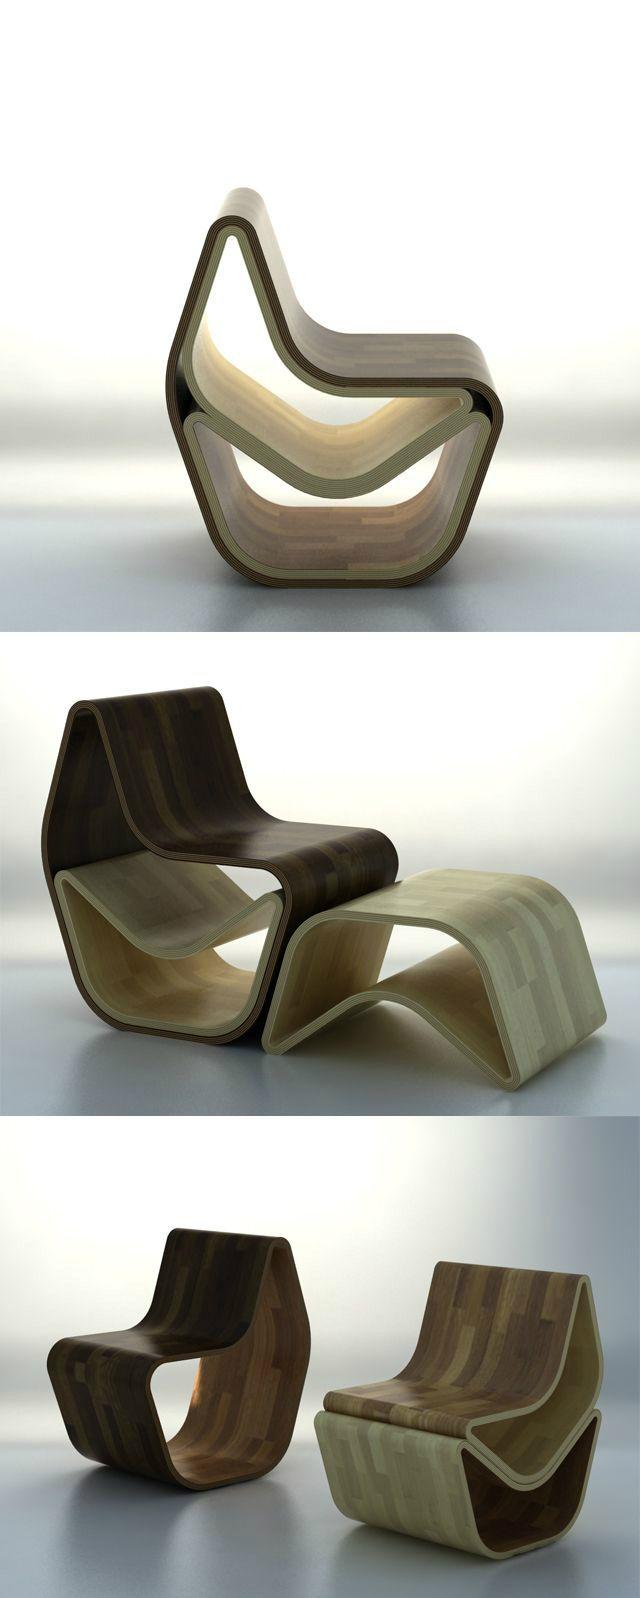 50 sleek funky and weird chair designs webdesigner depot and weird - 20 Great Space Saving Ideas